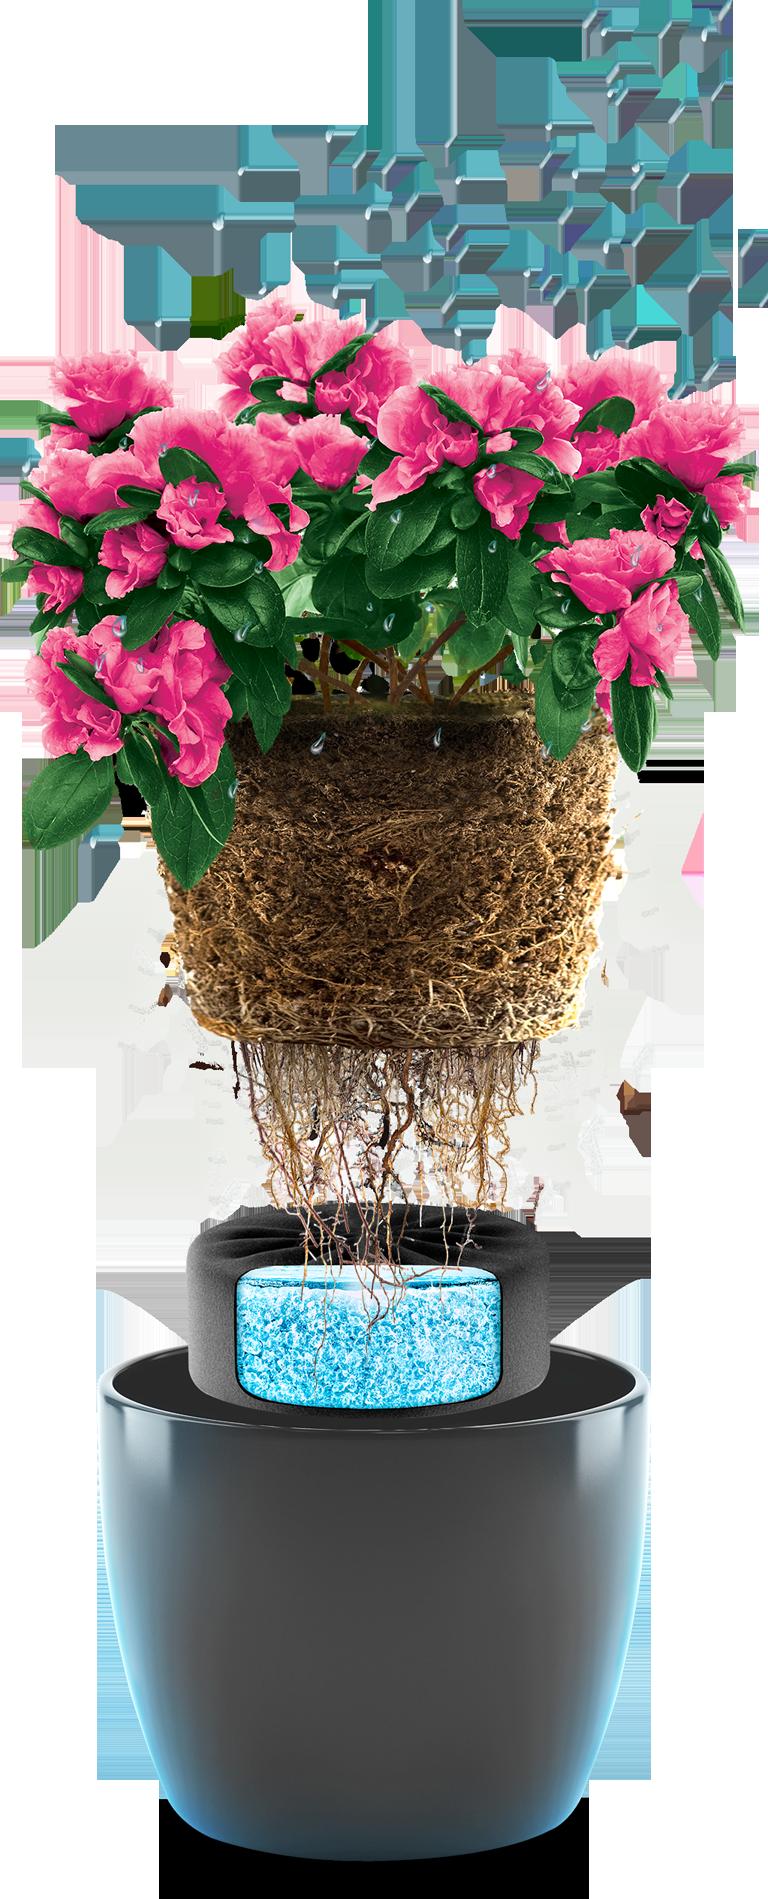 Hydrobox Rewolucja W Nawadnianiu Roslin W Domu I Ogrodzie Decor Home Decor